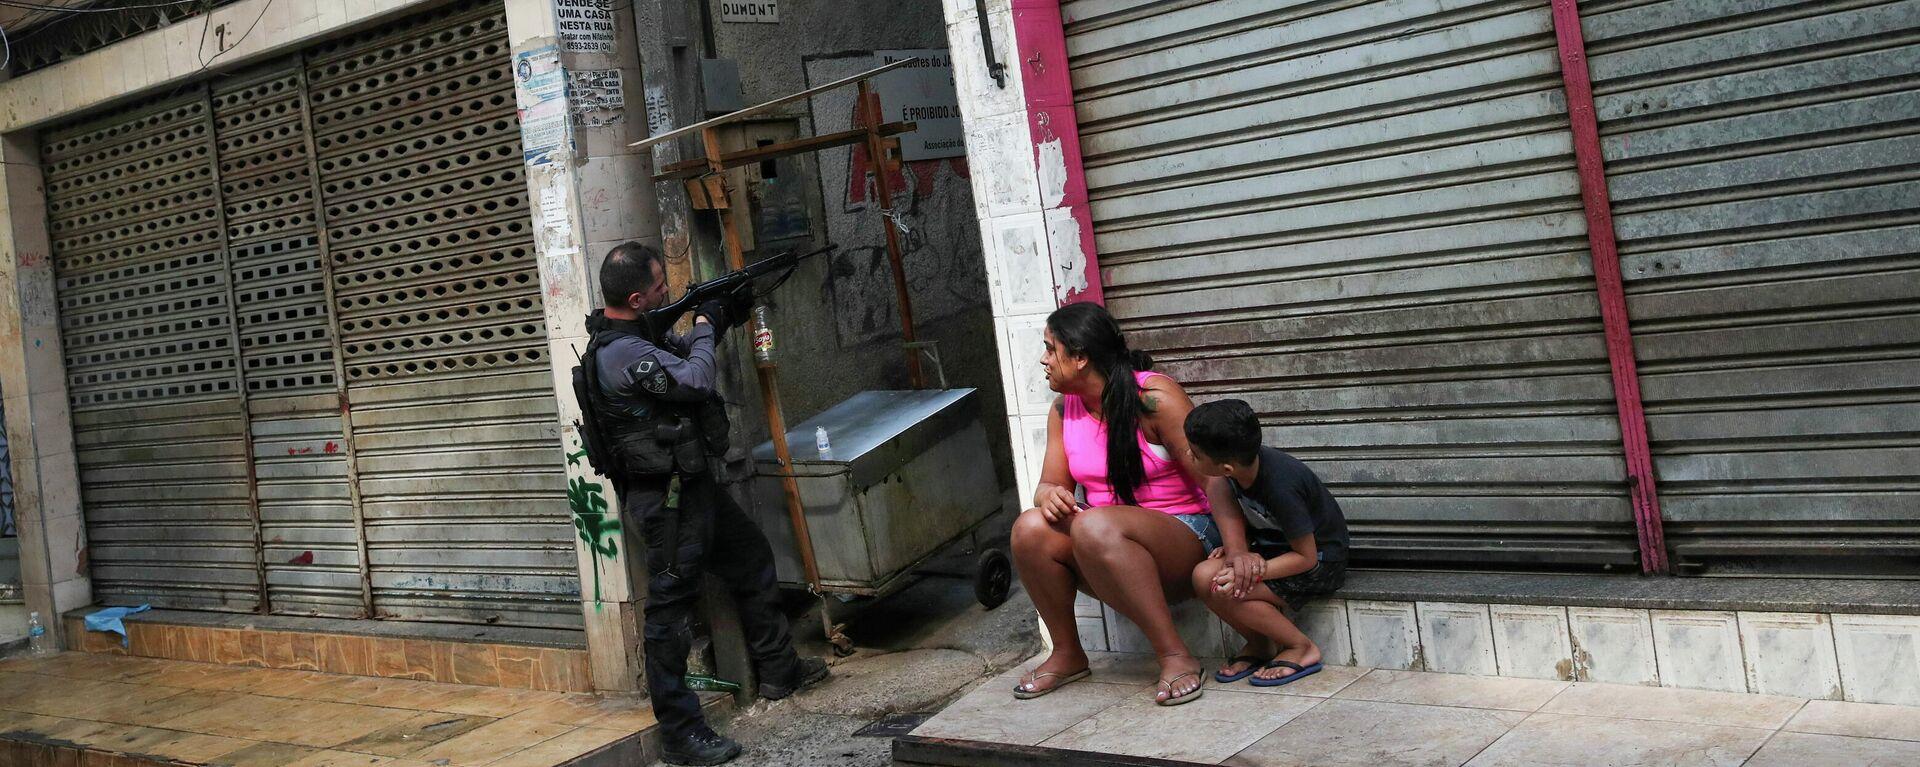 Agente de la Policía Civil de Río de Janeiro durante una operación en el barrio de Jacarezinho - Sputnik Mundo, 1920, 06.05.2021